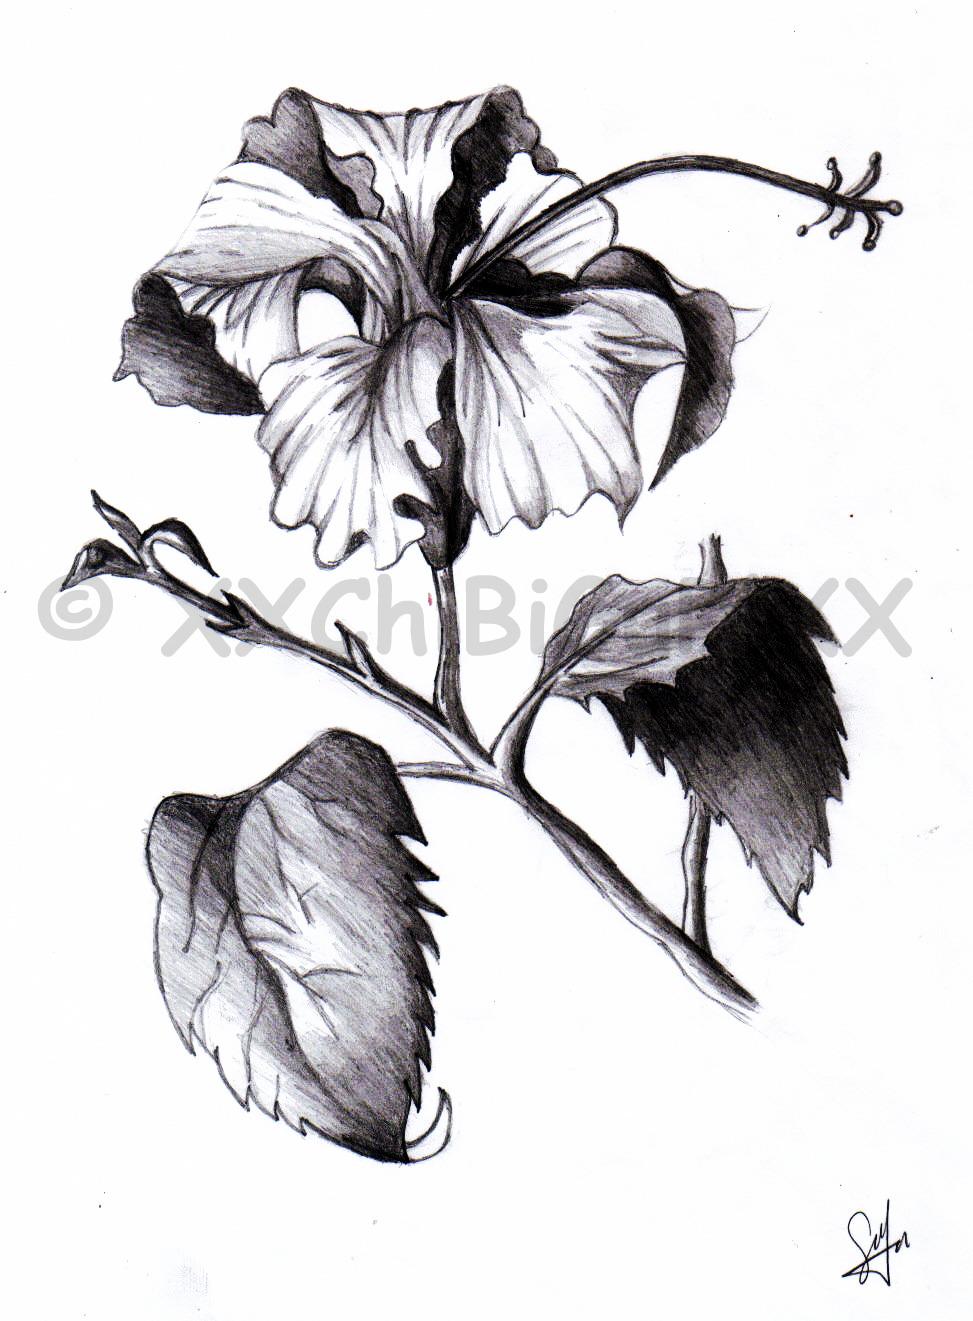 Hibiscus Sketch By Xxchibigurlxx On Deviantart